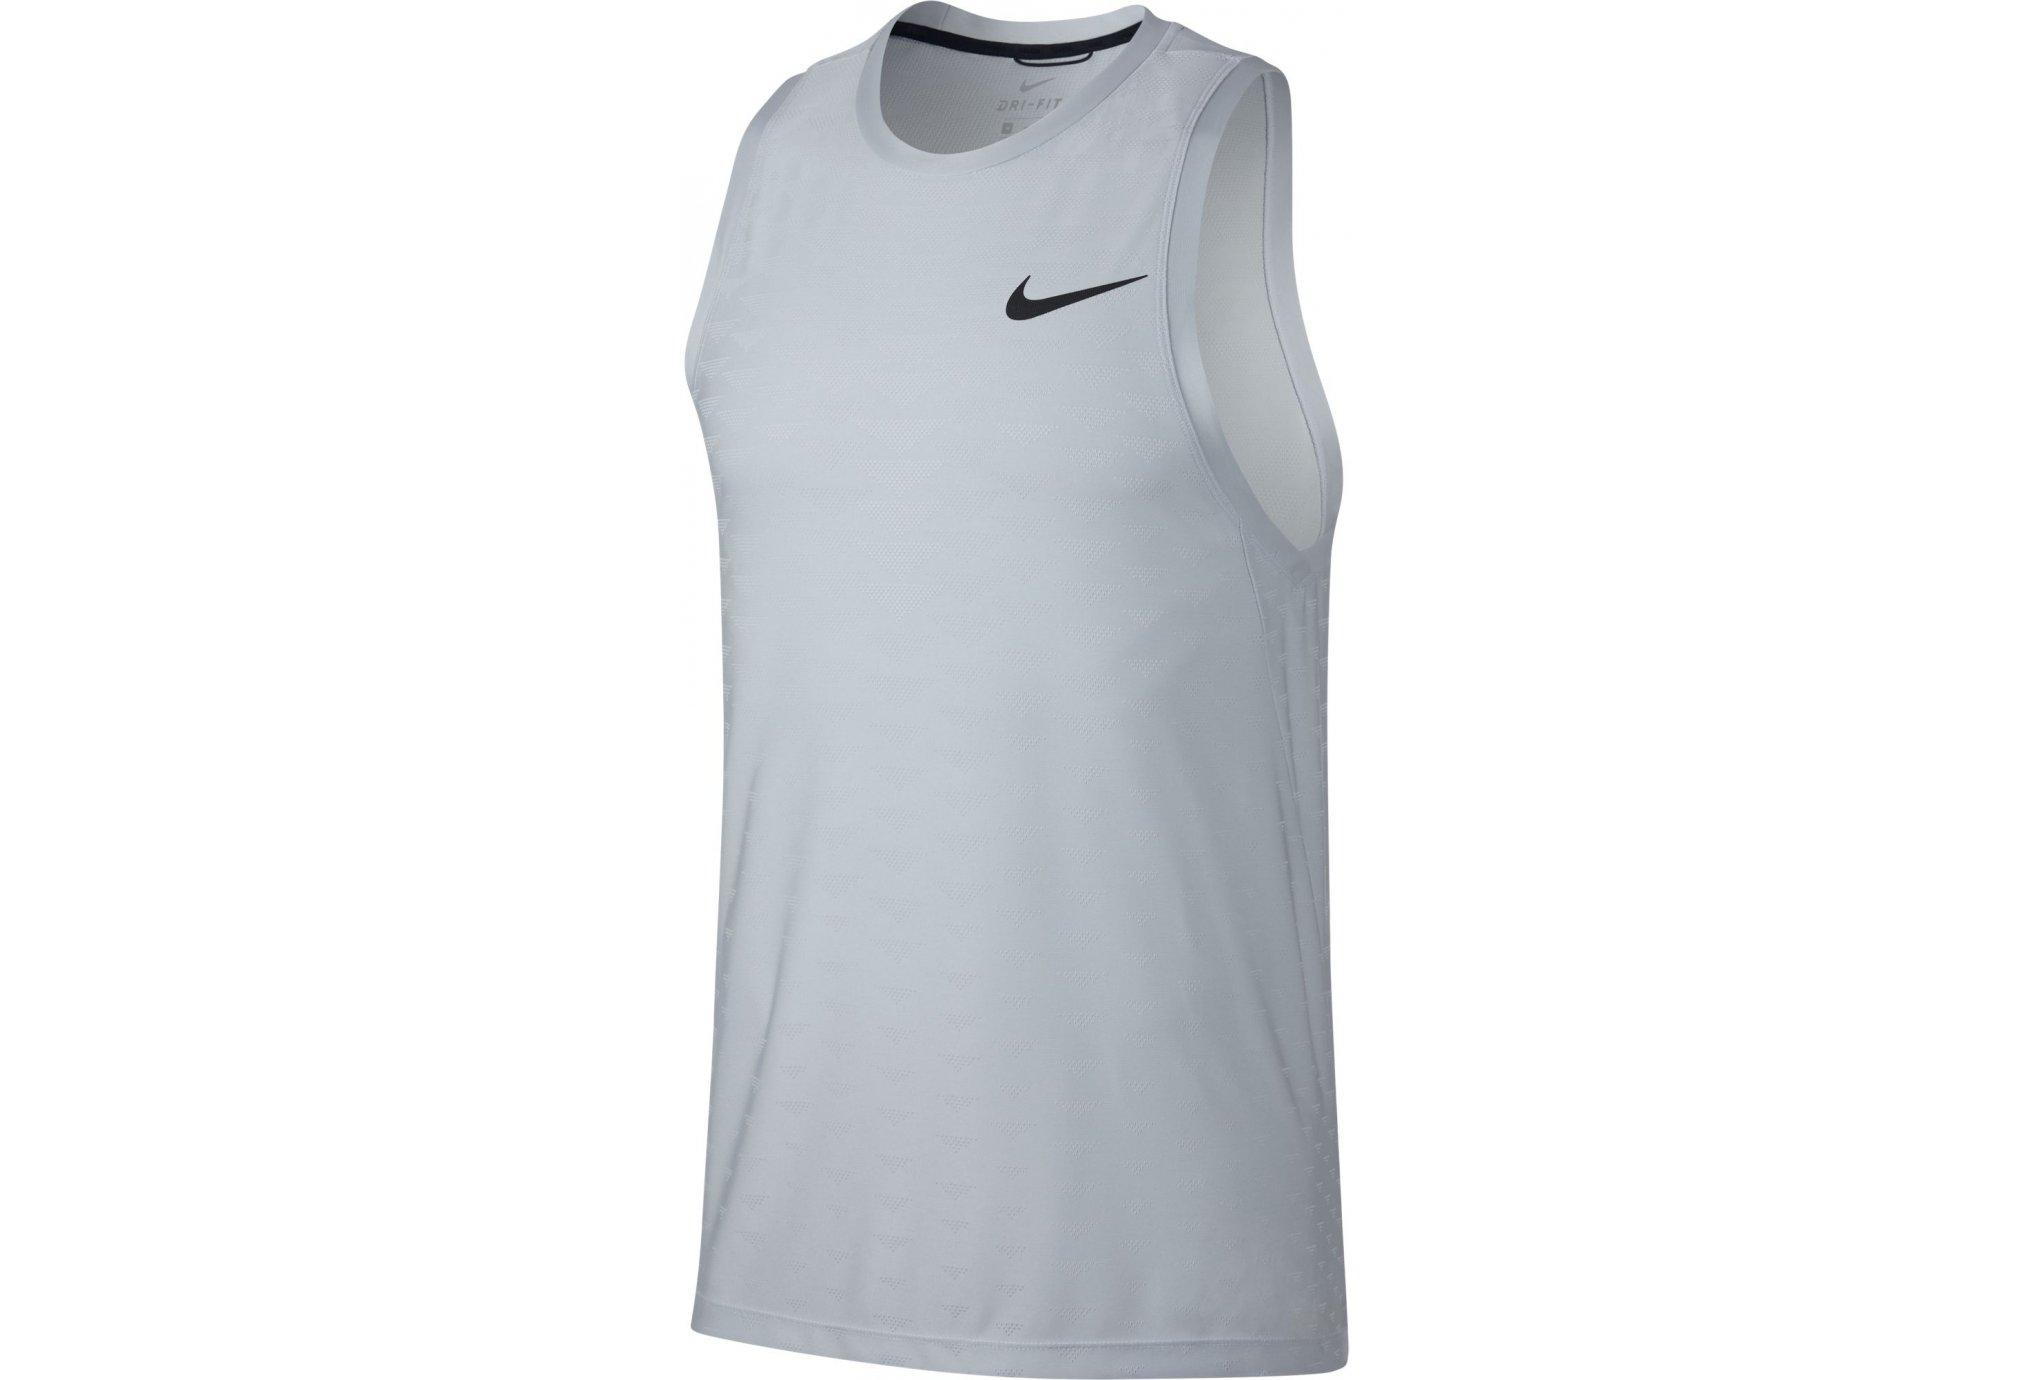 finest selection 23f7a 9ba45 Nike Zonal Cooling Training M Diététique Vêtements homme